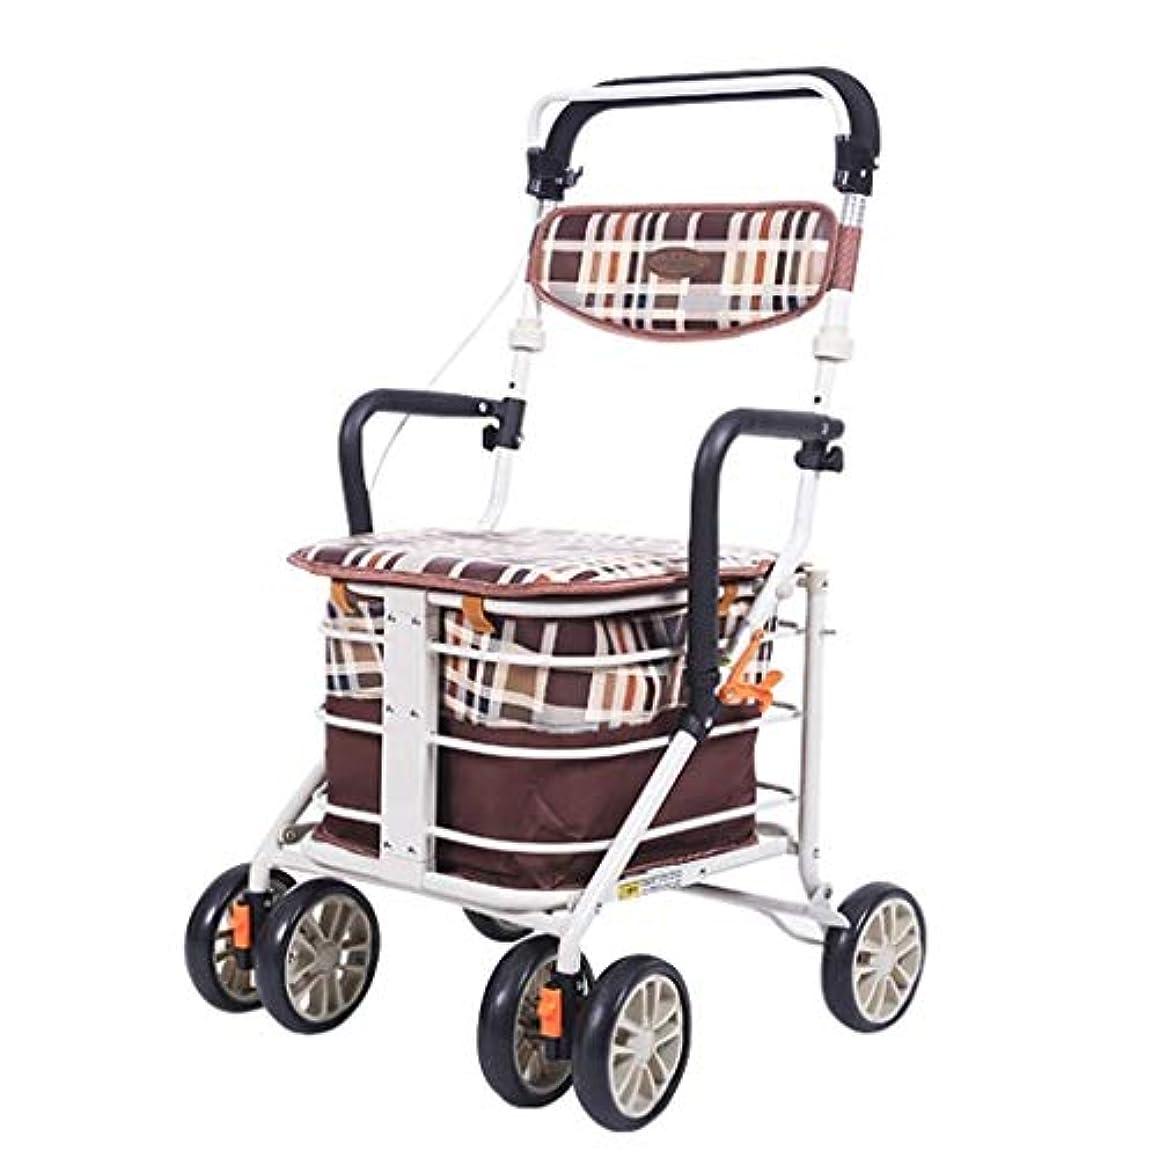 霜タイプフレットハンドブレーキ高齢者歩行者が付いている軽量のアルミ合金の座席を折る多機能歩行者のトロリーショッピングカート